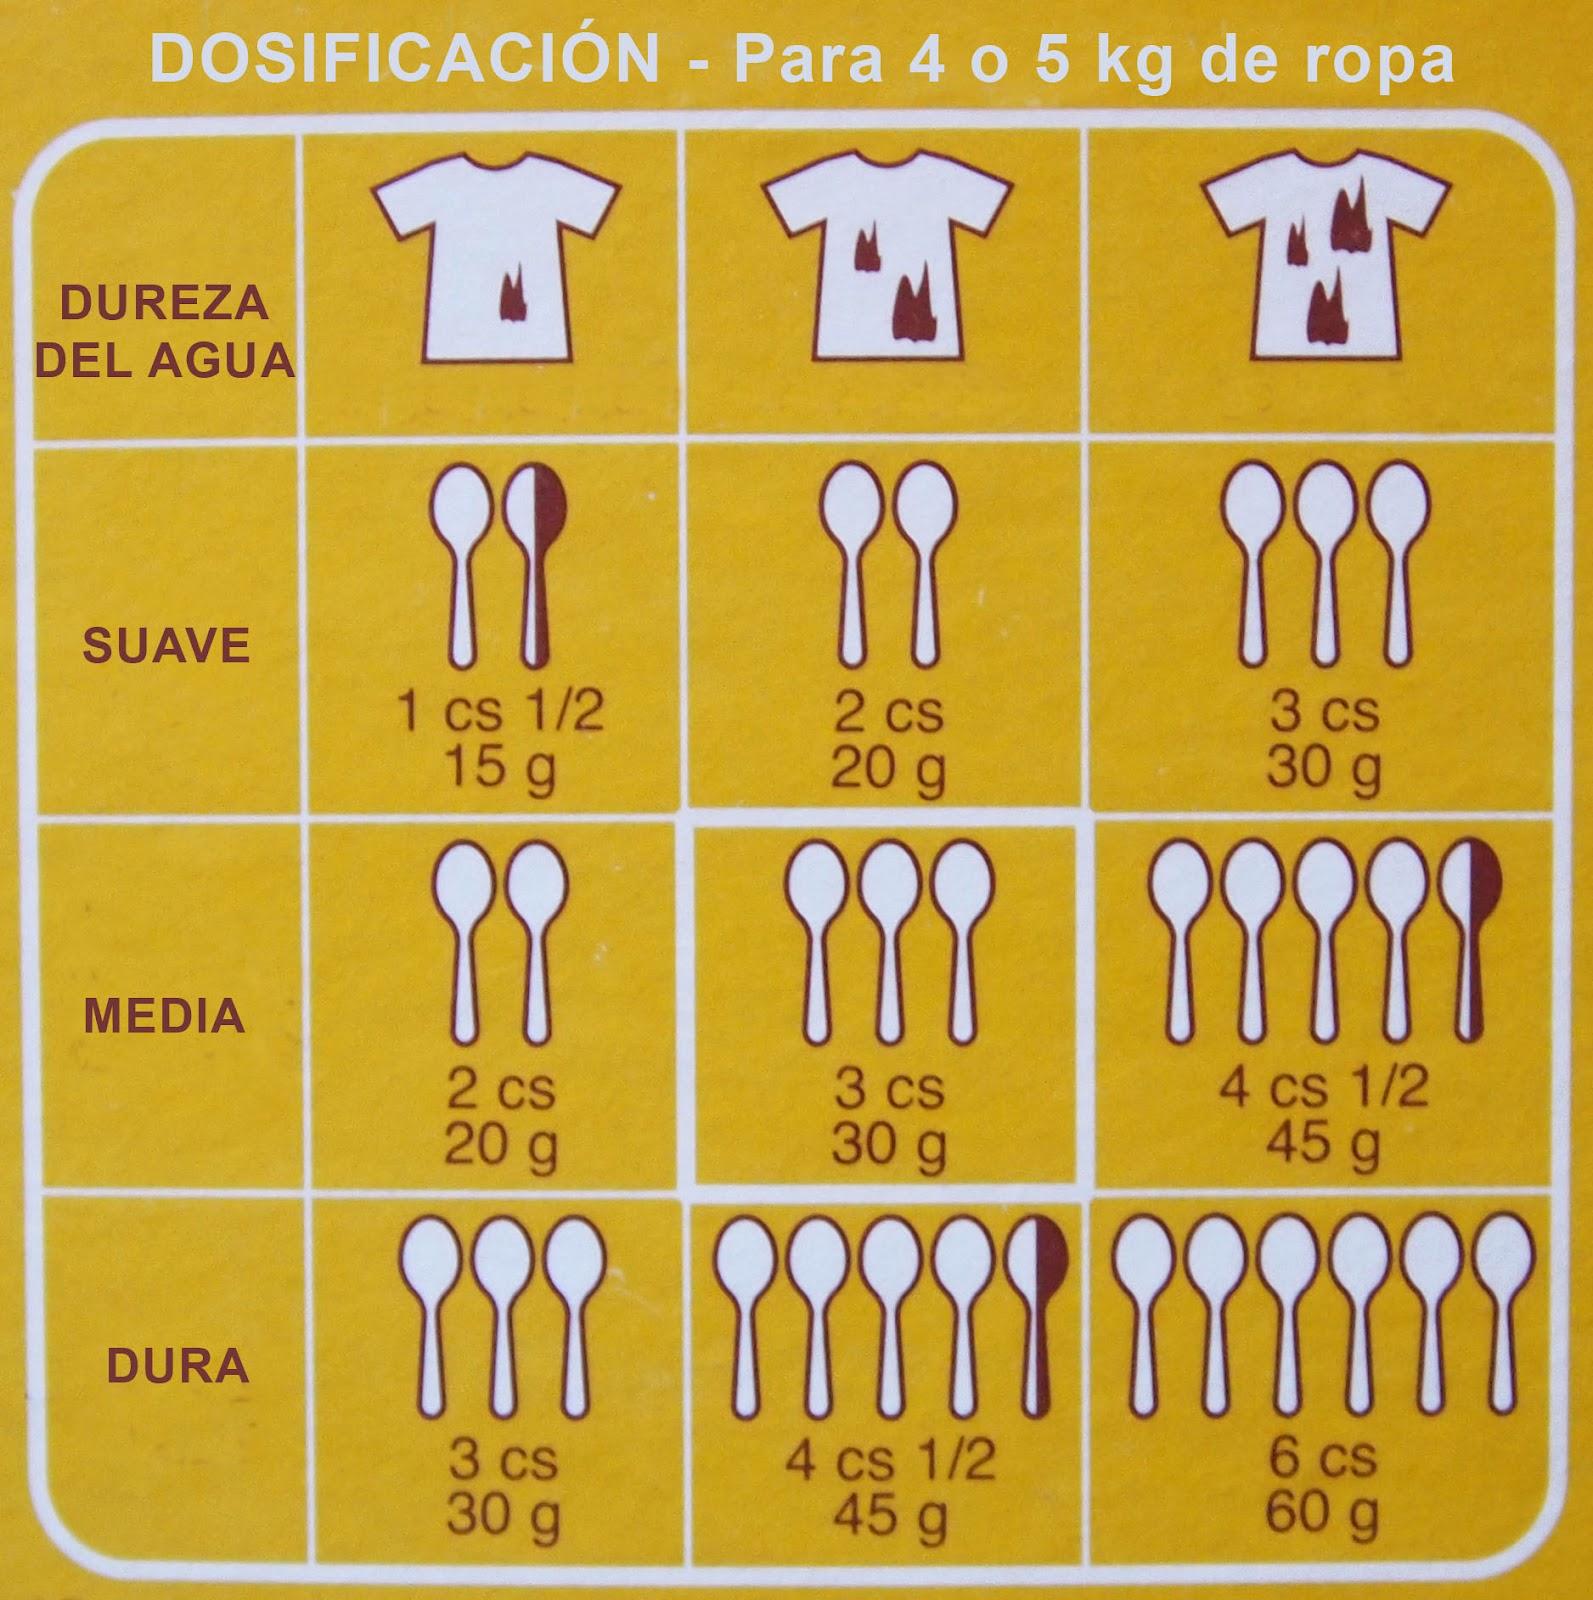 Distribuciones Alepsar Abril 2012 ~ Dosificador De Detergente Para Lavadoras